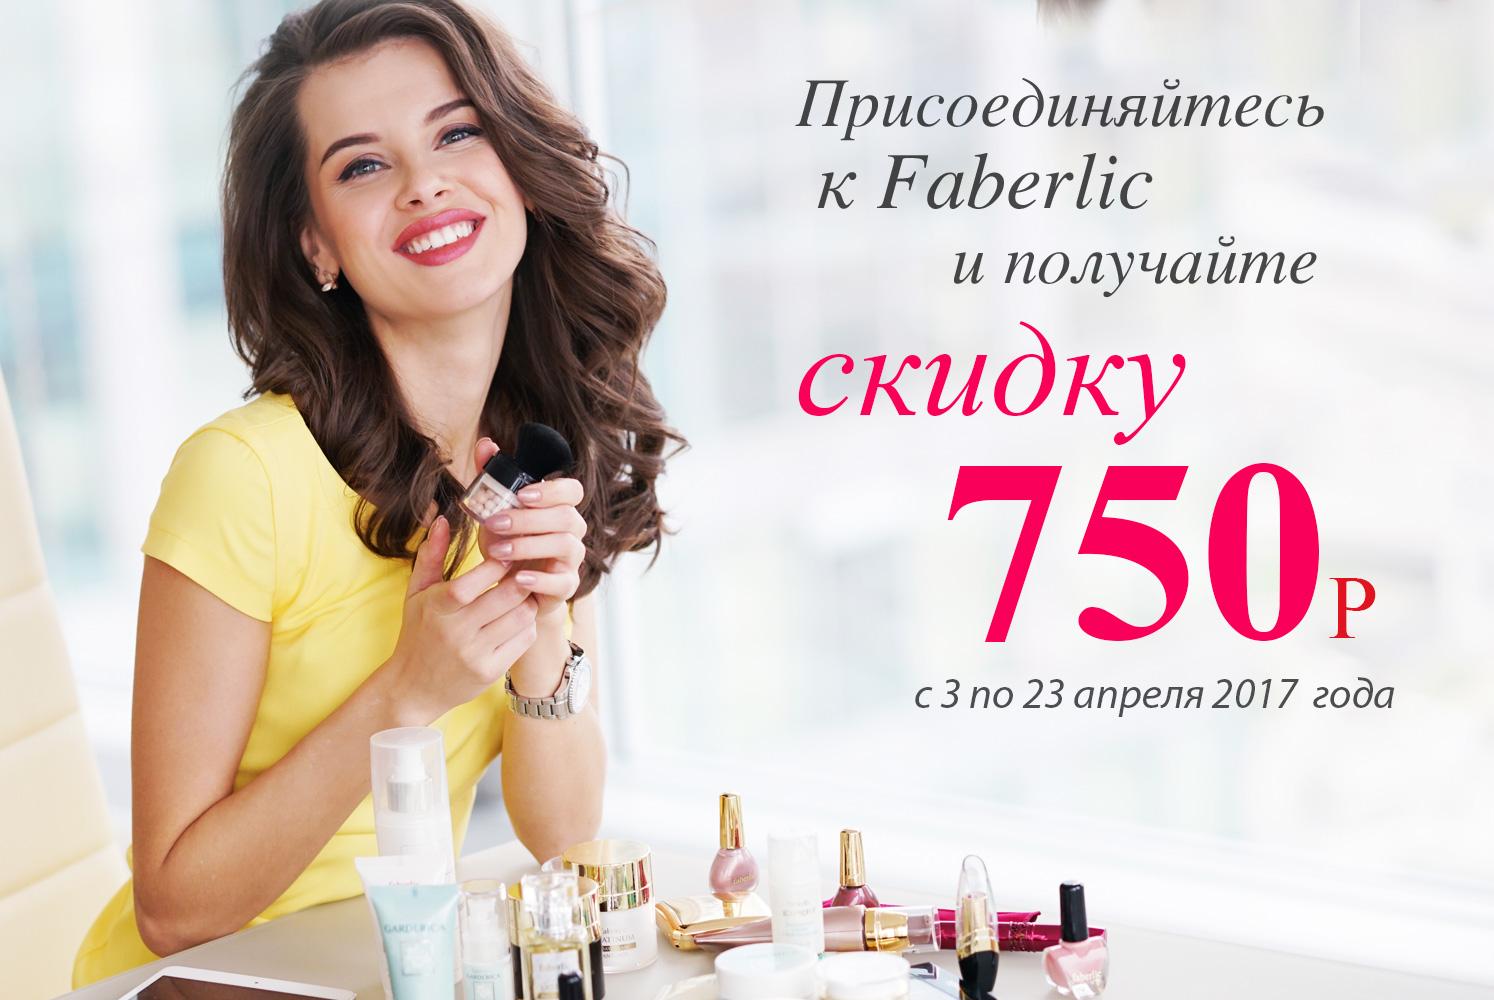 Бесплатно получите скидку на всю продукцию, заполните анкету и через пару минут Вы уже сможете сделать заказ онлайн и получить в ближайшем ПВ продукции Faberlic!